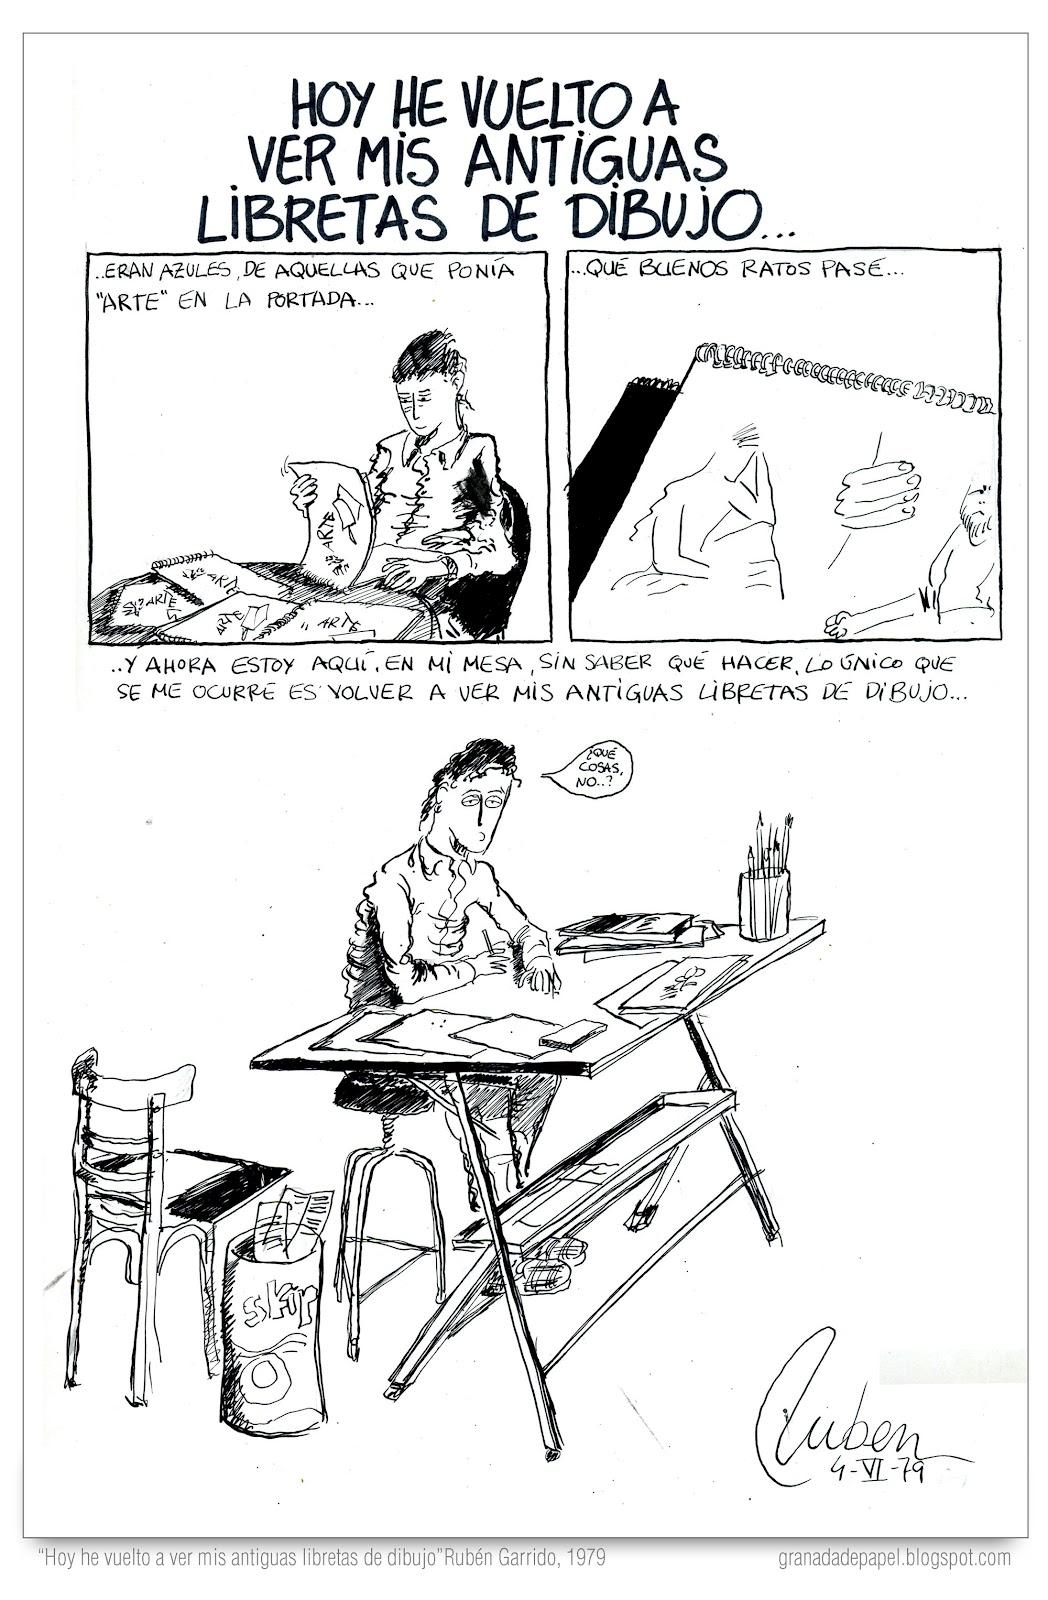 Granada de papel: Dos historietas inéditas